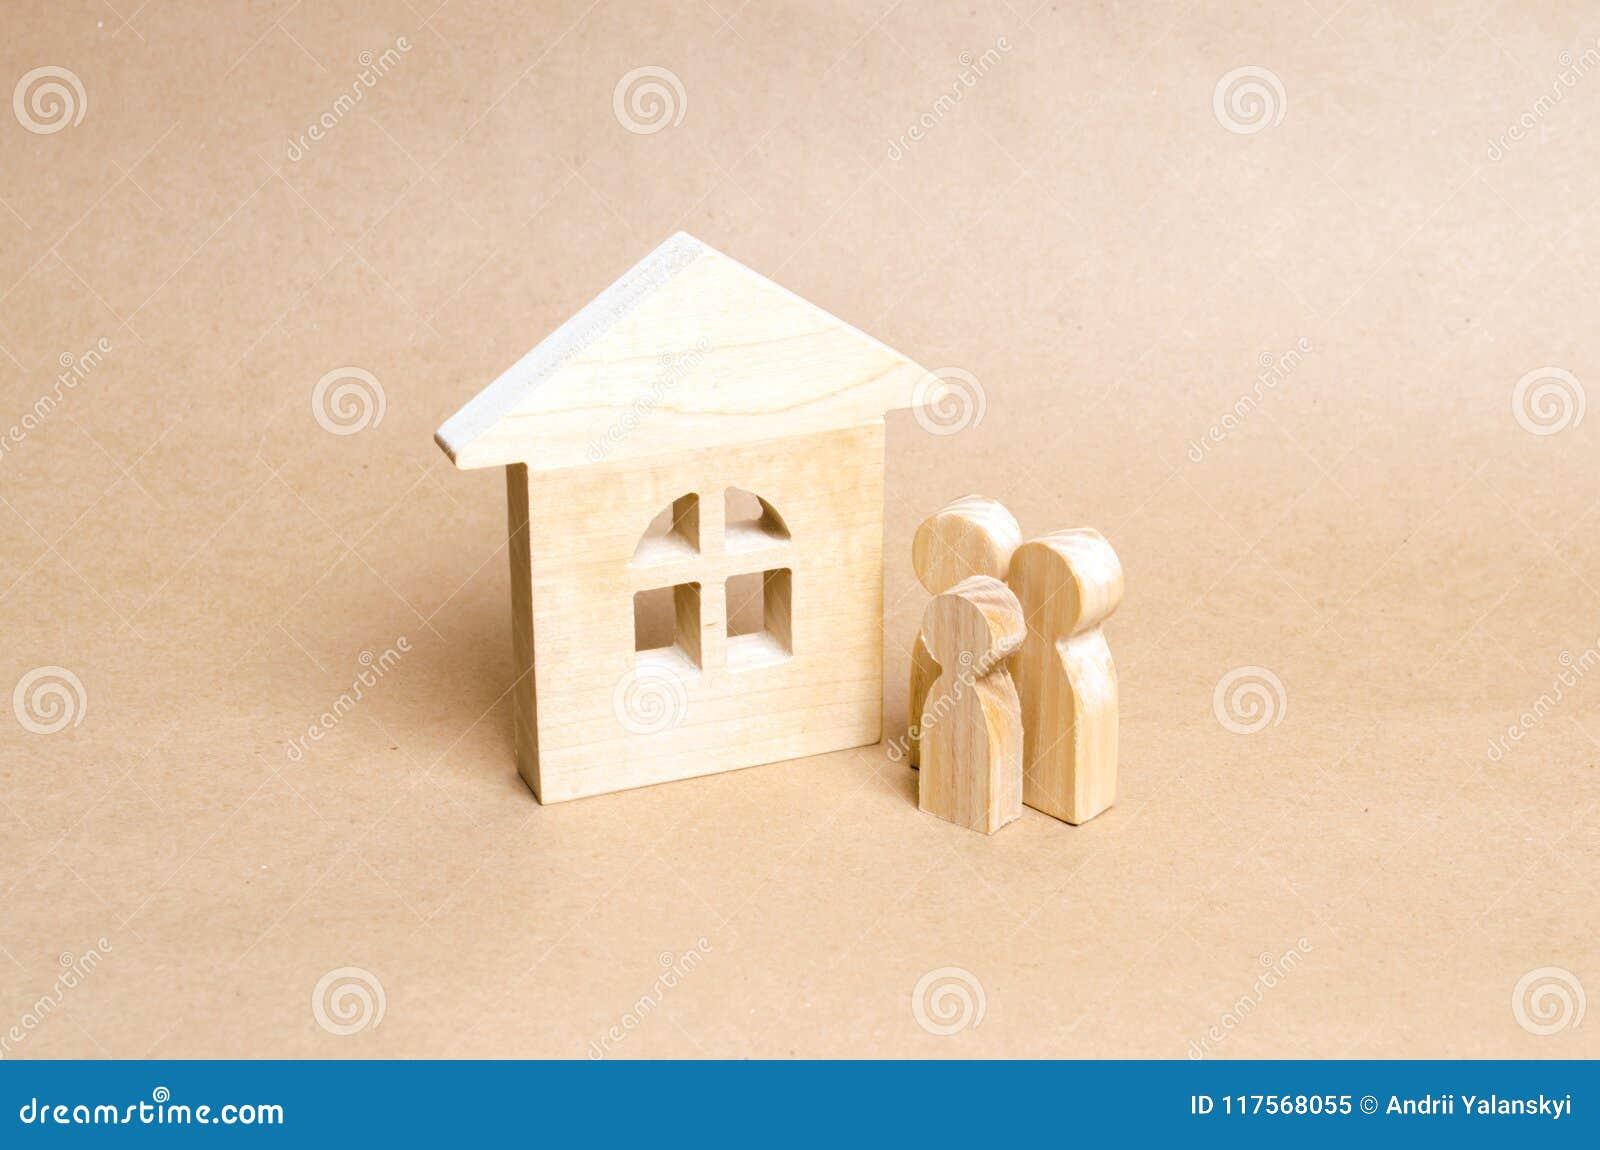 Η οικογένεια στέκεται κοντά σε ένα ξύλινο σπίτι Μερικοί νέοι στέκονται κοντά στο νέο σπίτι τους Αγορά και πώληση της κατοικίας